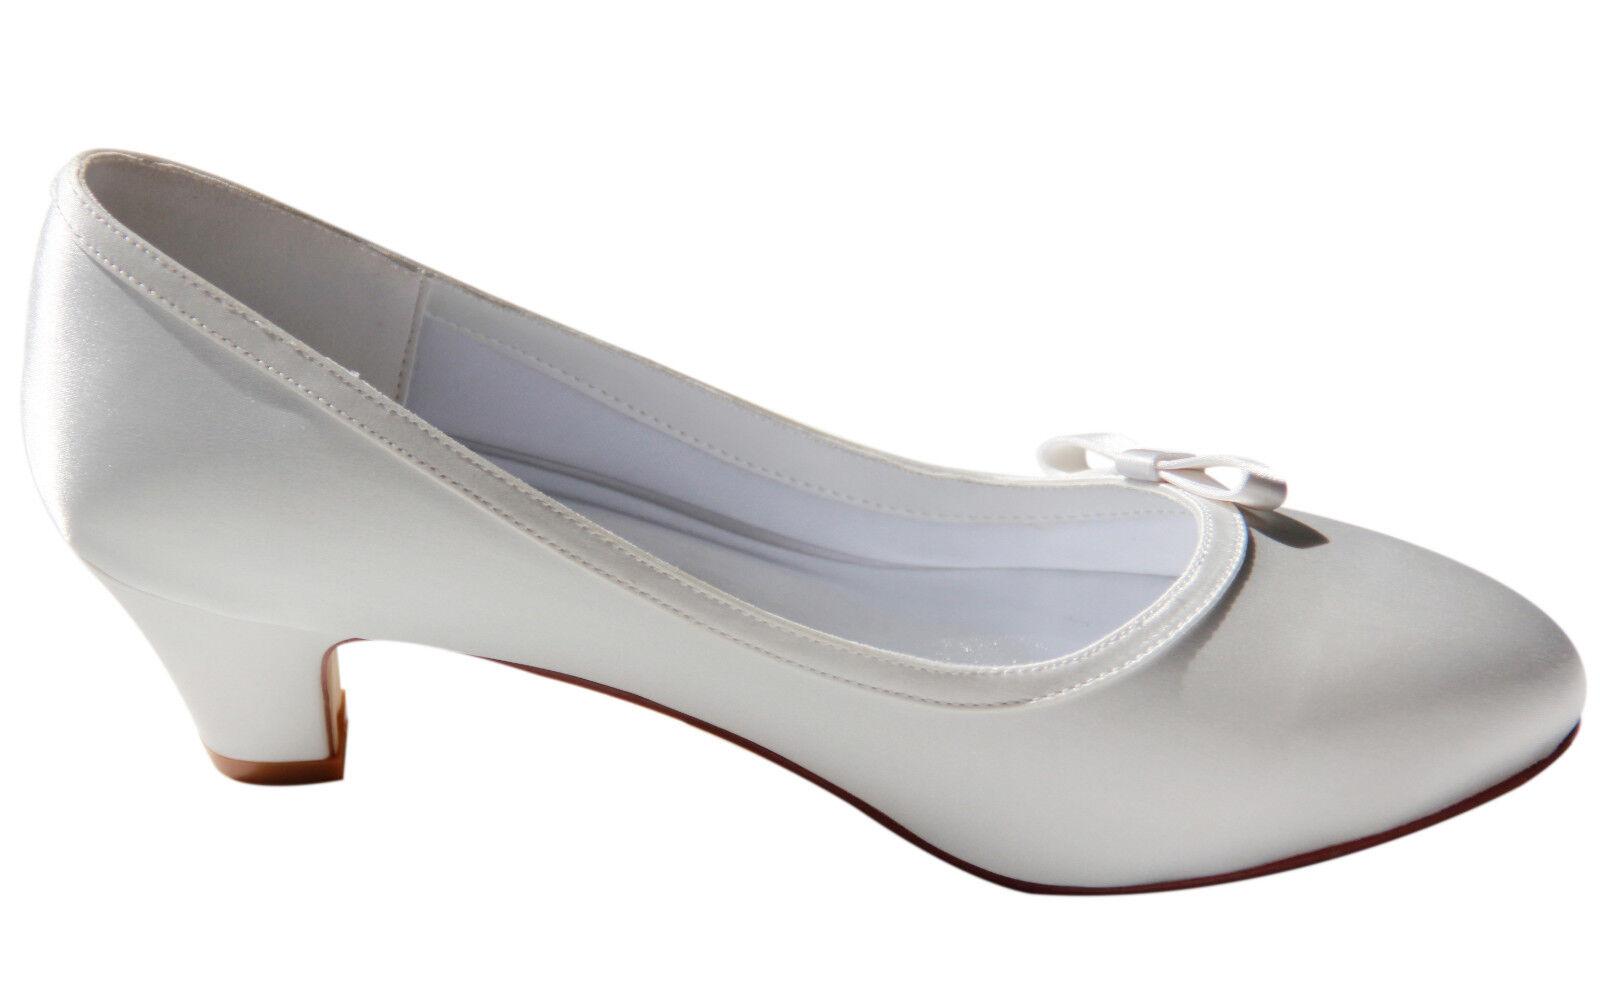 HBH Satin Brautschuhe, innen ausgepolstert,mit Schleife, 5cm Absatz, Farbe Farbe Farbe Ivory     | Online  | Merkwürdige Form  | Wunderbar  711ea8